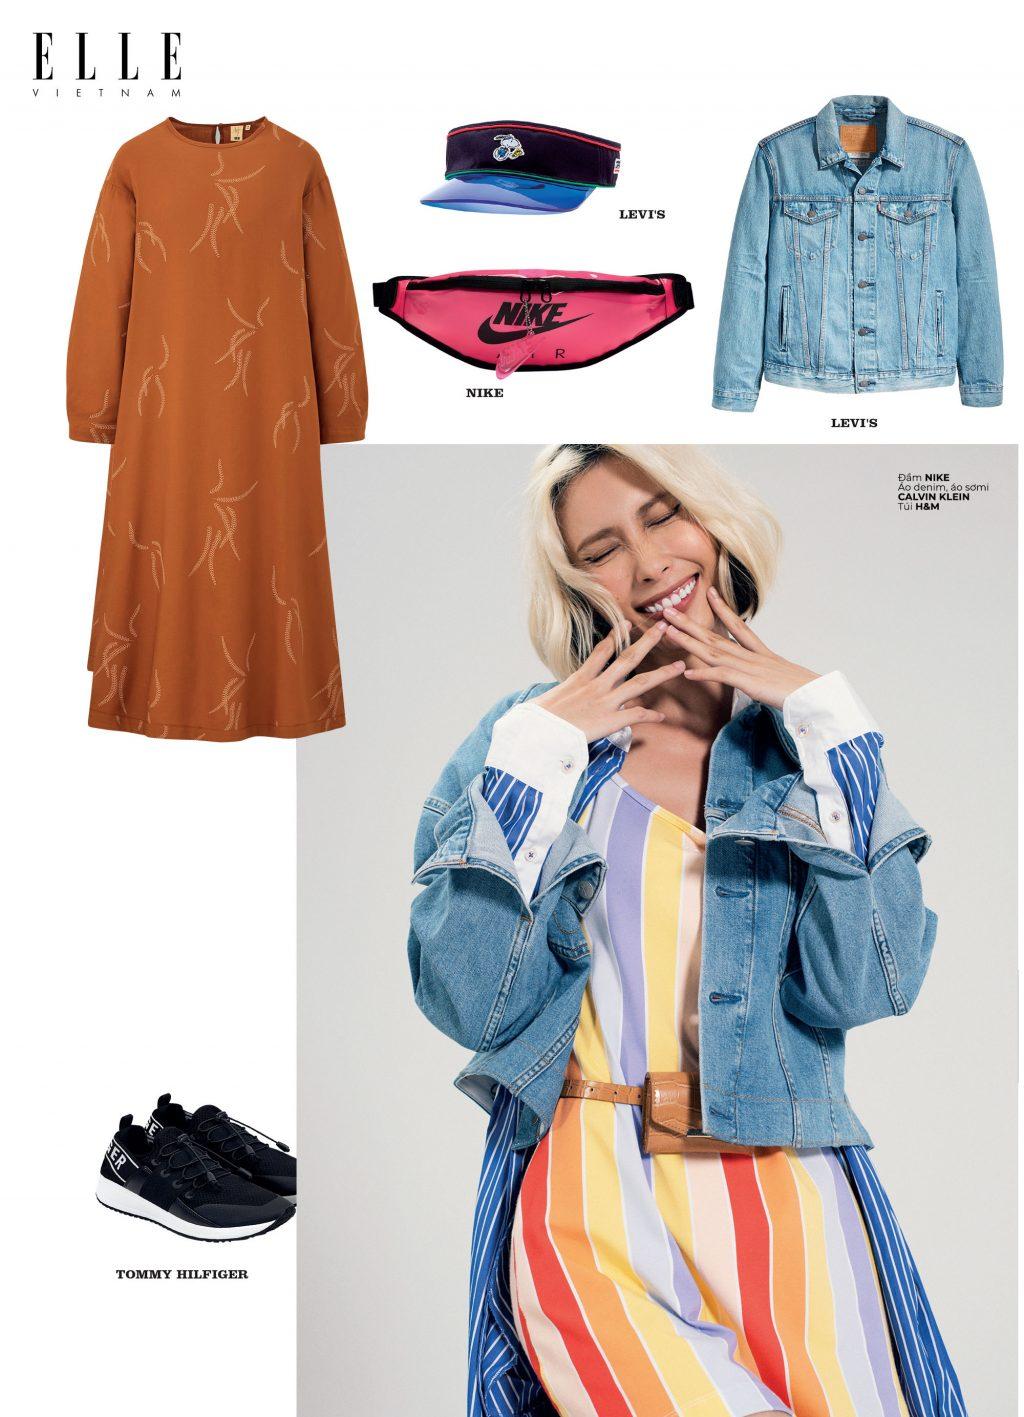 phong cách thời trang streetwear trang phục denim